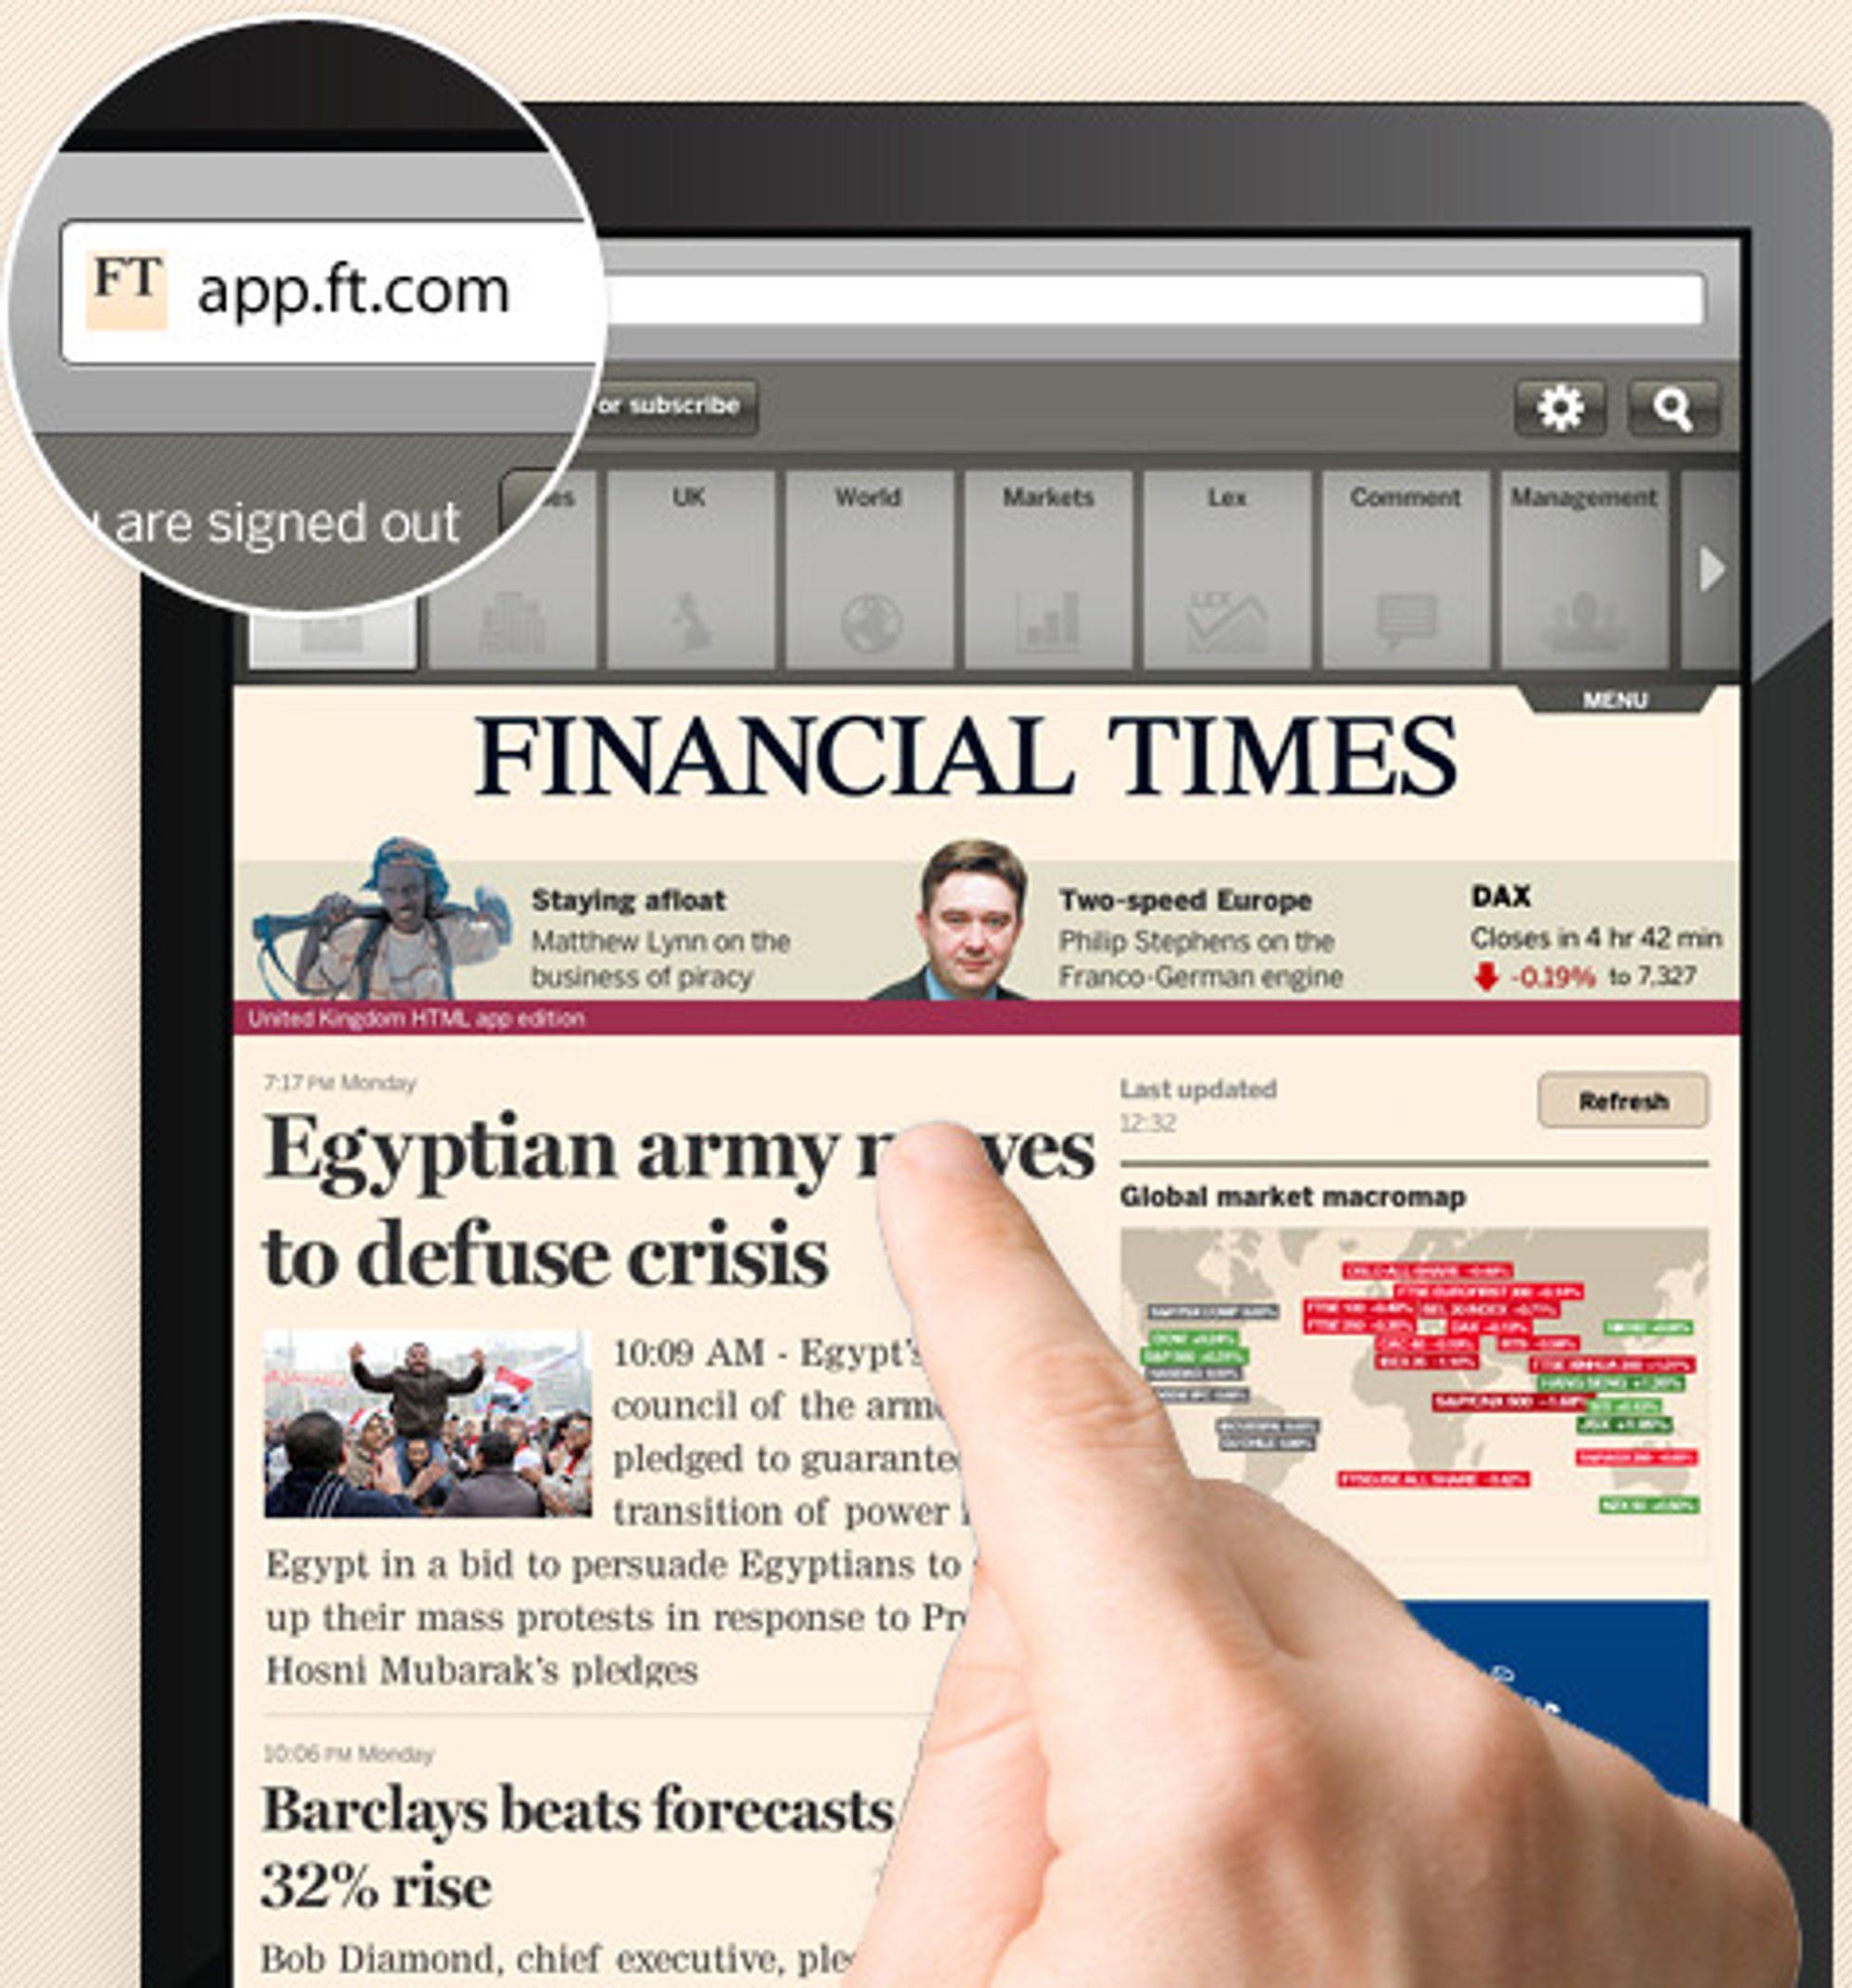 Ved å tilby mobile lesere en HTML5-applikasjon hindrer Financial Times uvedkommende som Apple og Google fra å få del i abonnementsinntekter og kundeinformasjon.